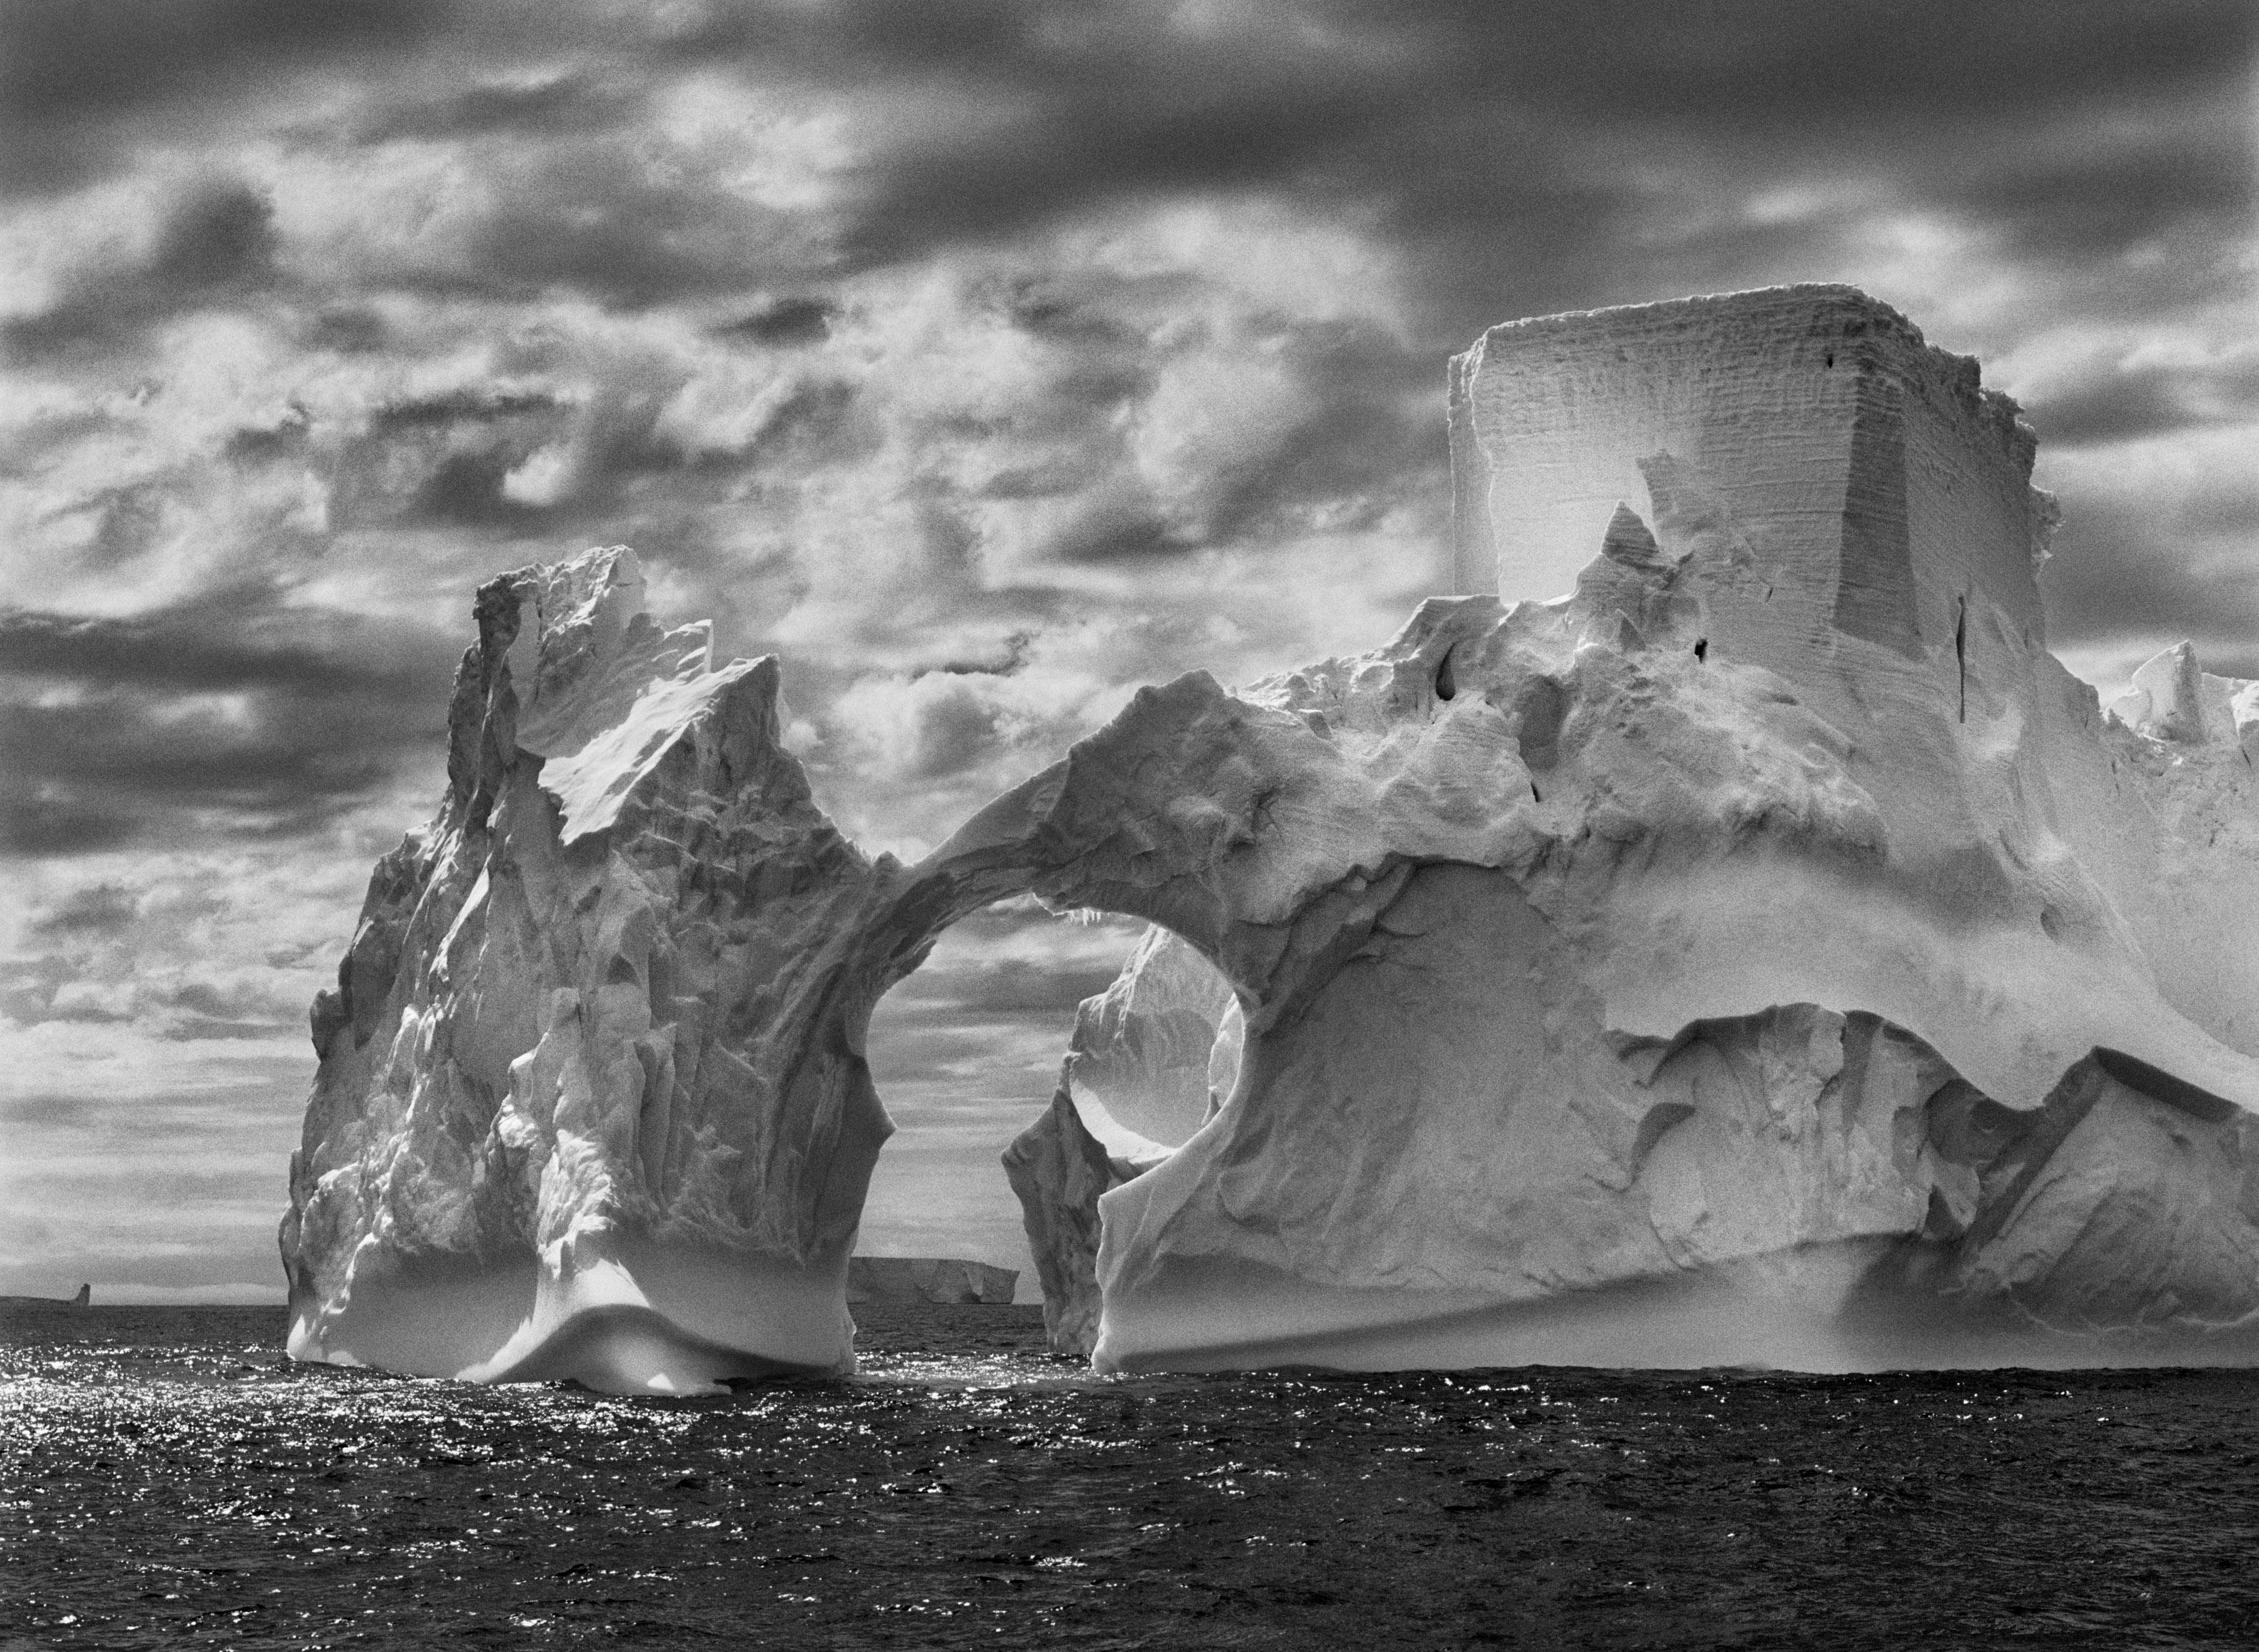 <p>Iceberg entre a ilha Paulet e as ilhas Shetland do Sul, deslocando-se no mar de Weddell. Península Antártica. 2005.</p>